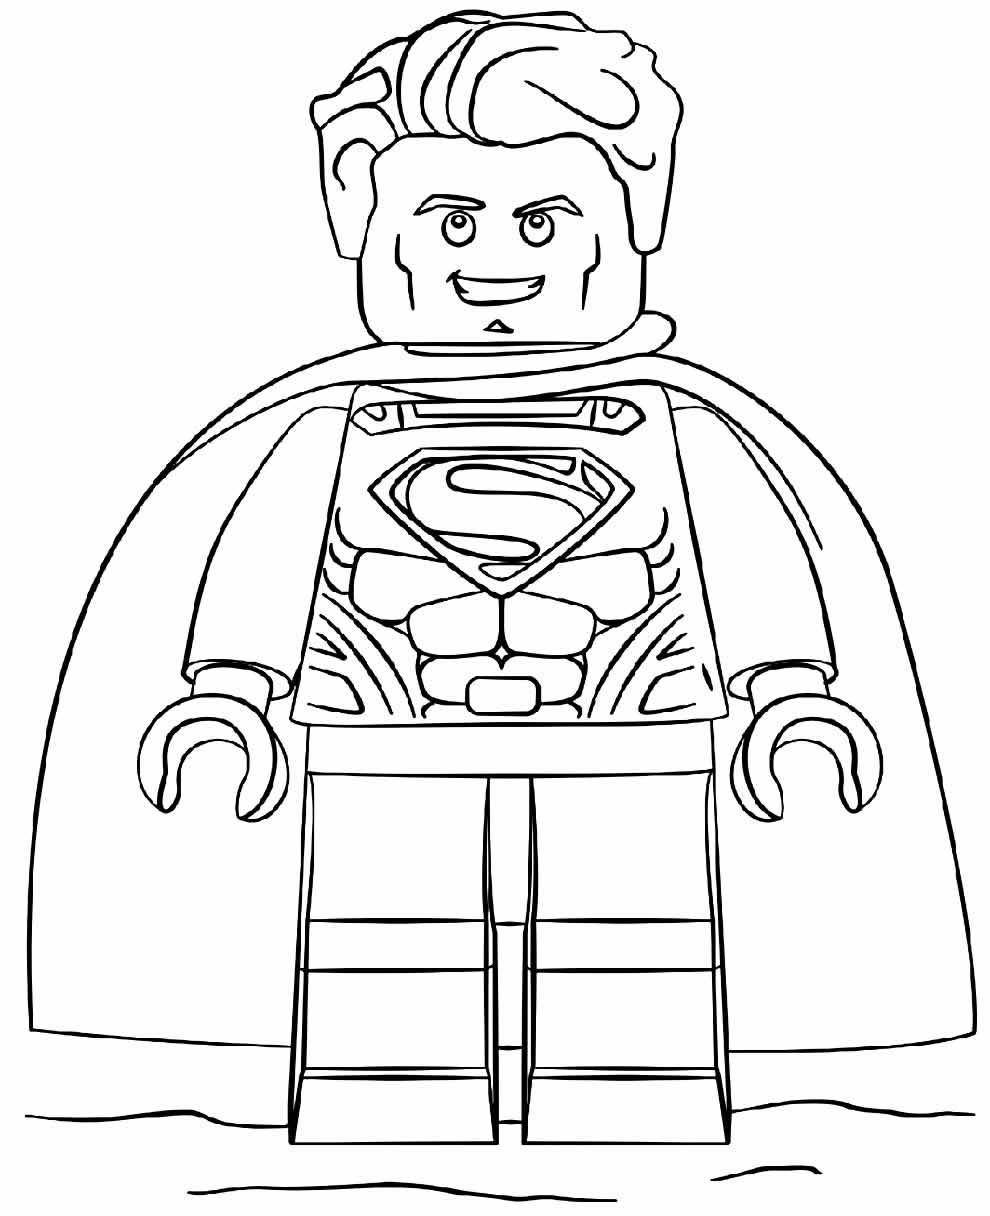 Imagem do Lego Super Homem para pintar